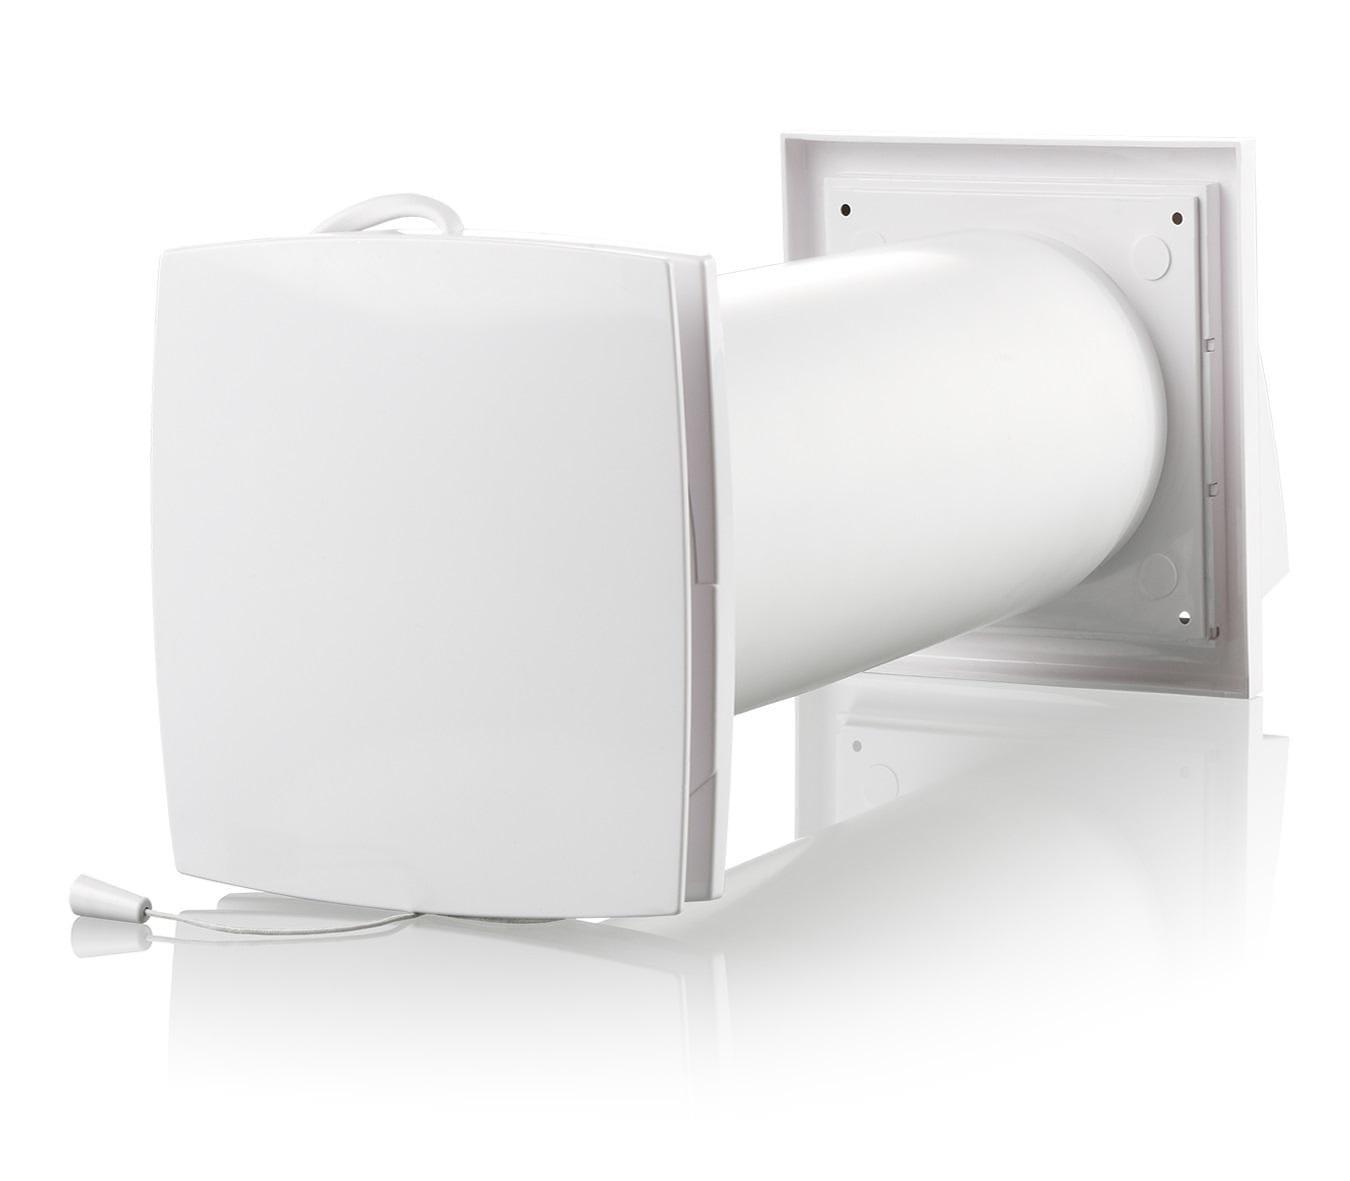 Modernistisk Køb Duka One Mini et-rums varmegenvinding Ø100 mm, Hvid 358871100 NI18